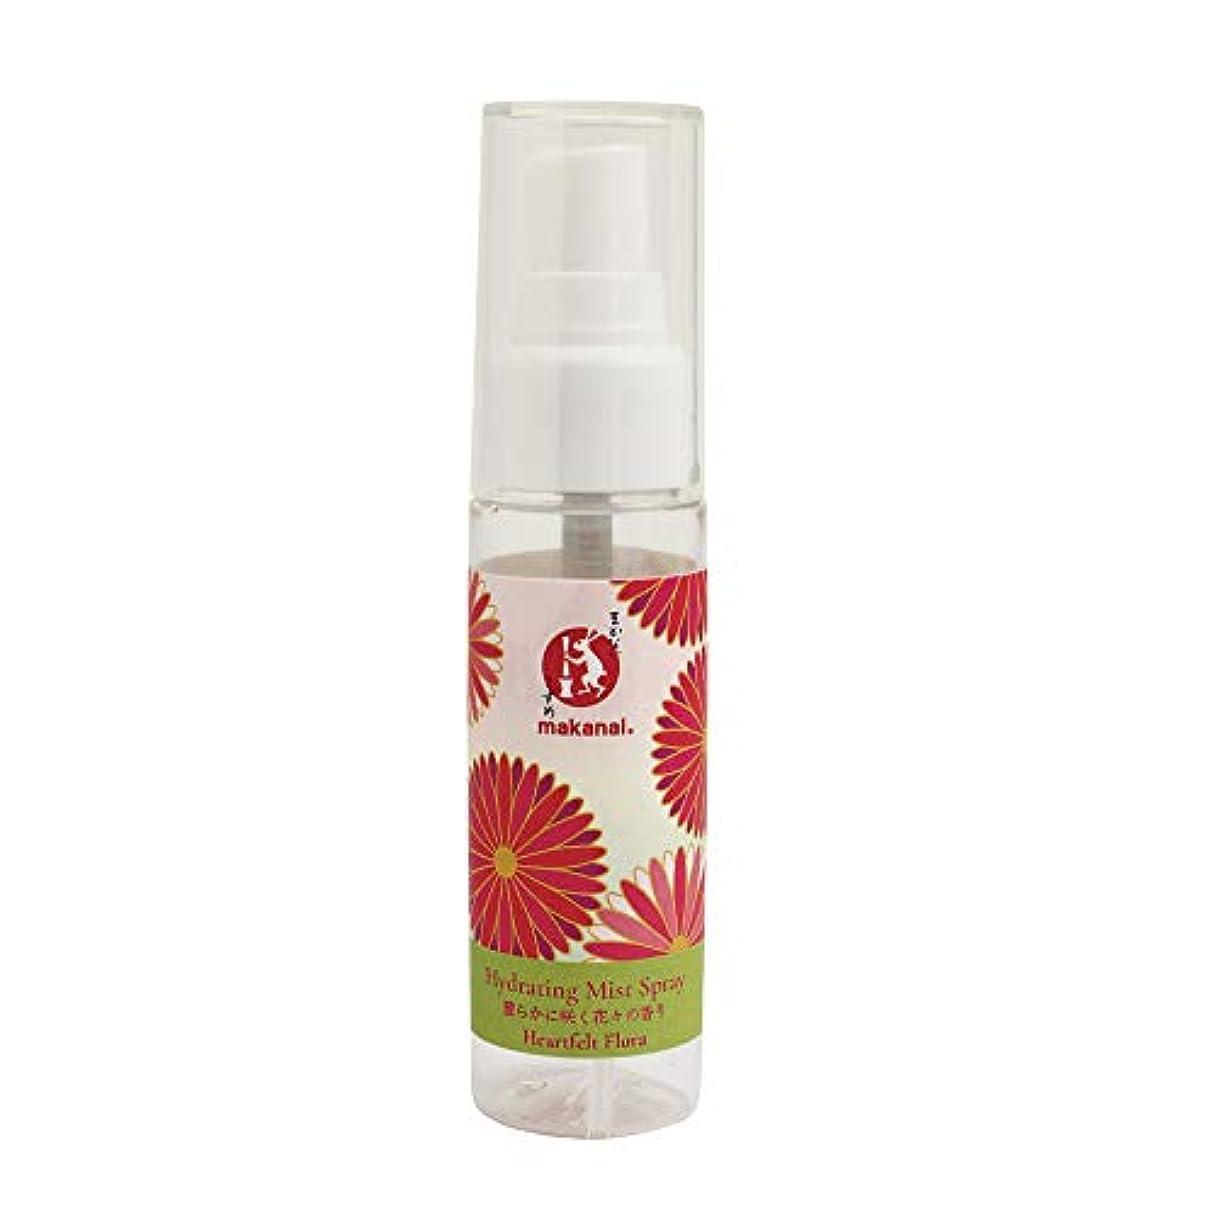 カウントハウス魅力まかないこすめ もっとうるおいたい日の保湿スプレー(麗らかに咲く花々の香り) 50ml